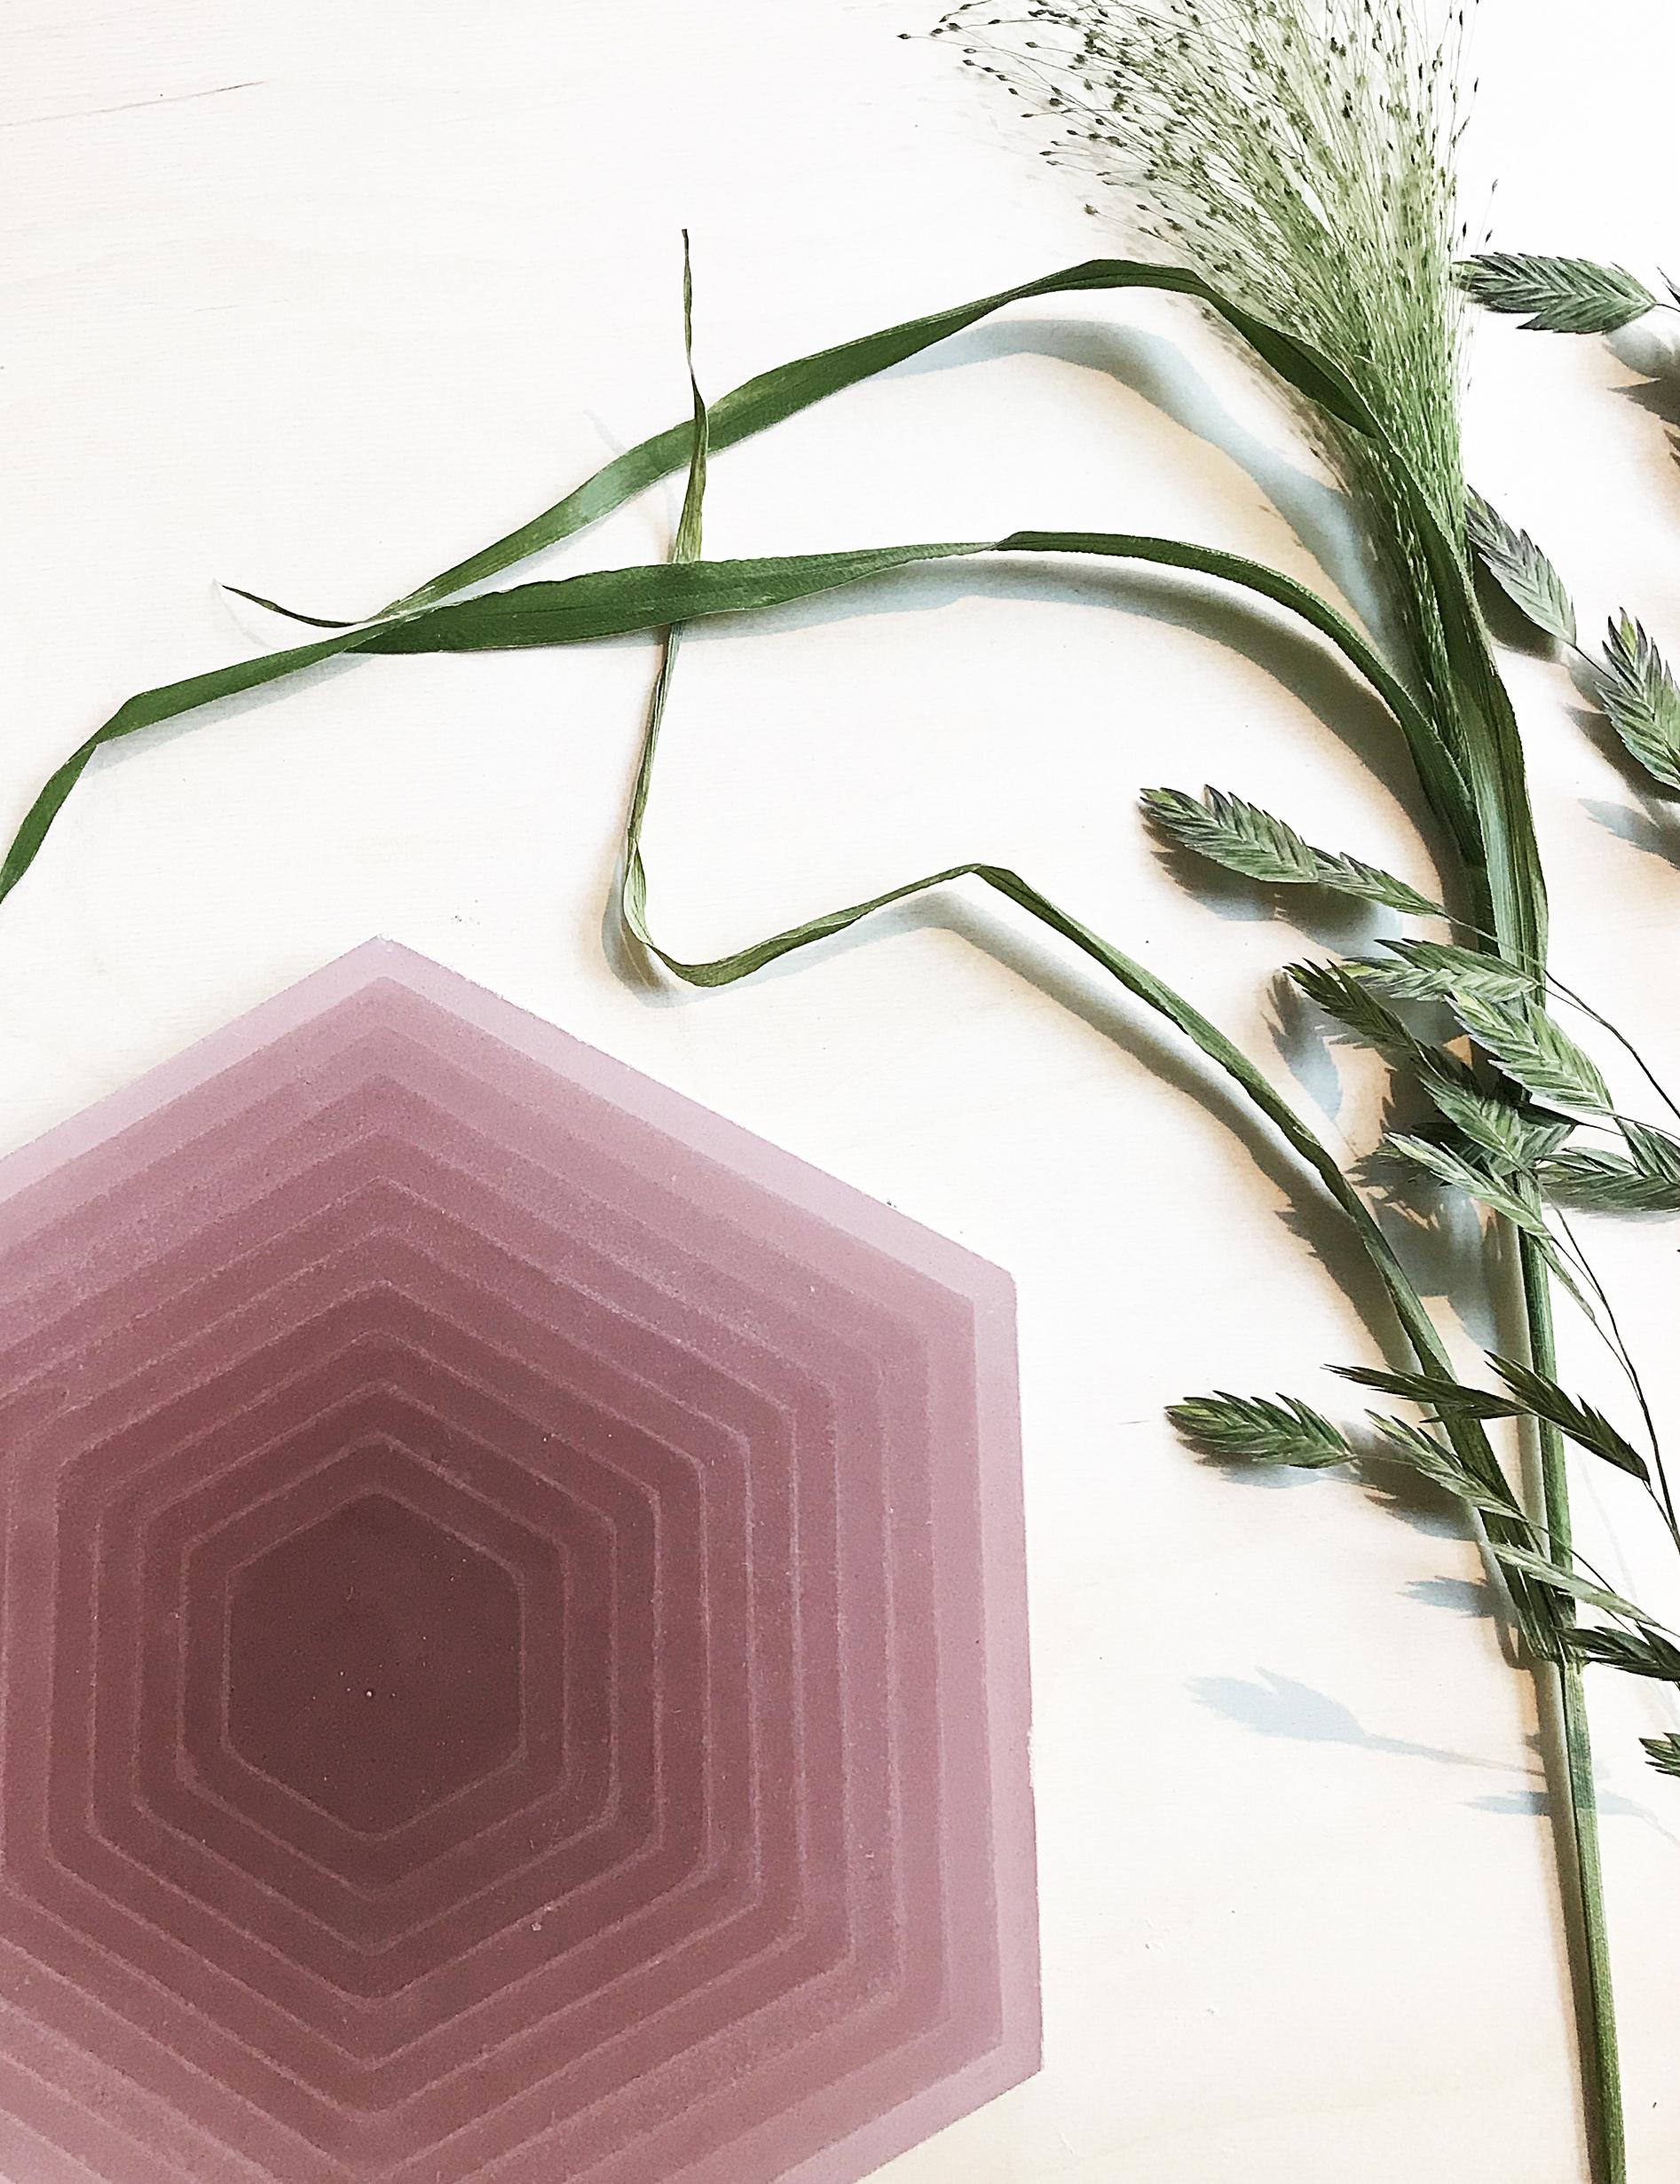 Marrakech Design har anlitat Monica Förster för att formge två kollektioner. The Four Elements och Breaking The Wave.